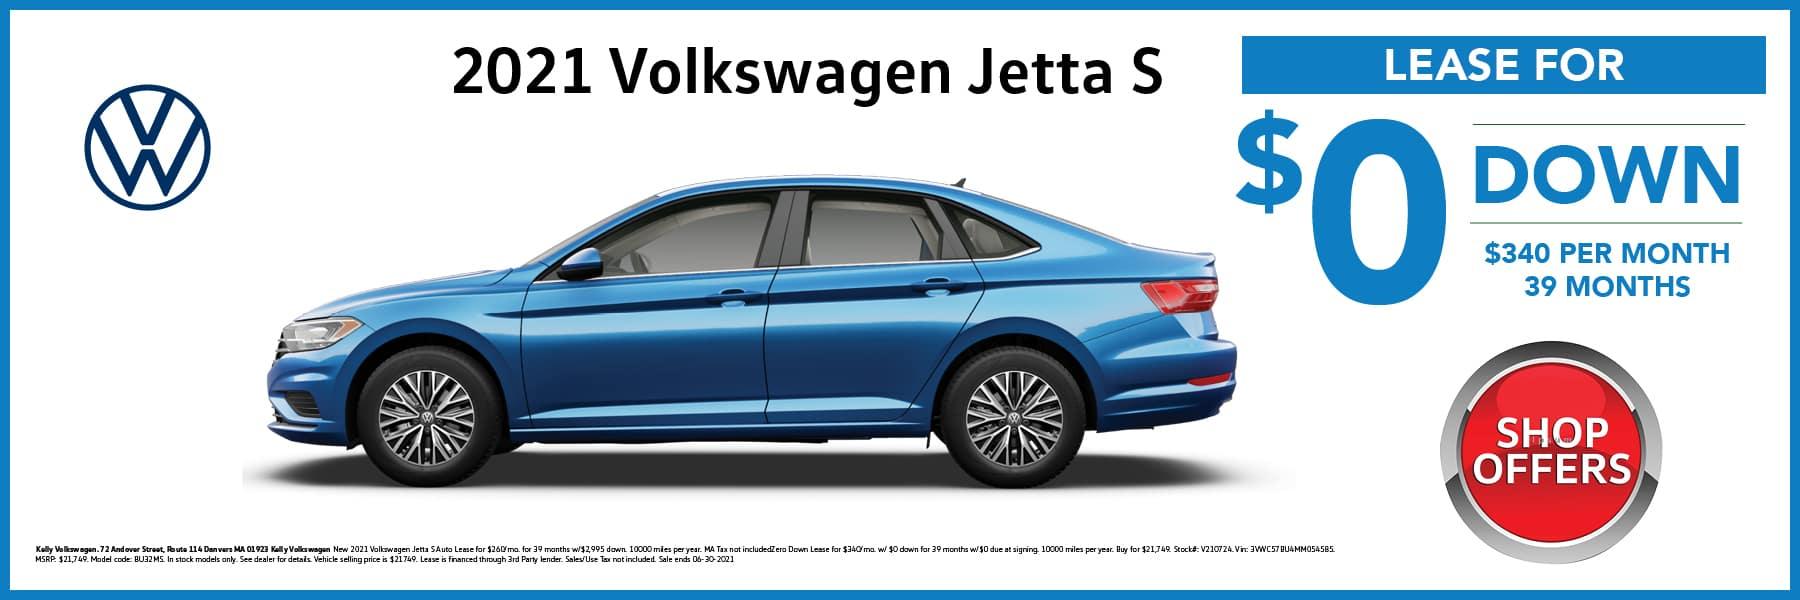 2021 Volkswagen Jetta S in Blue Lease Offer Web Slide